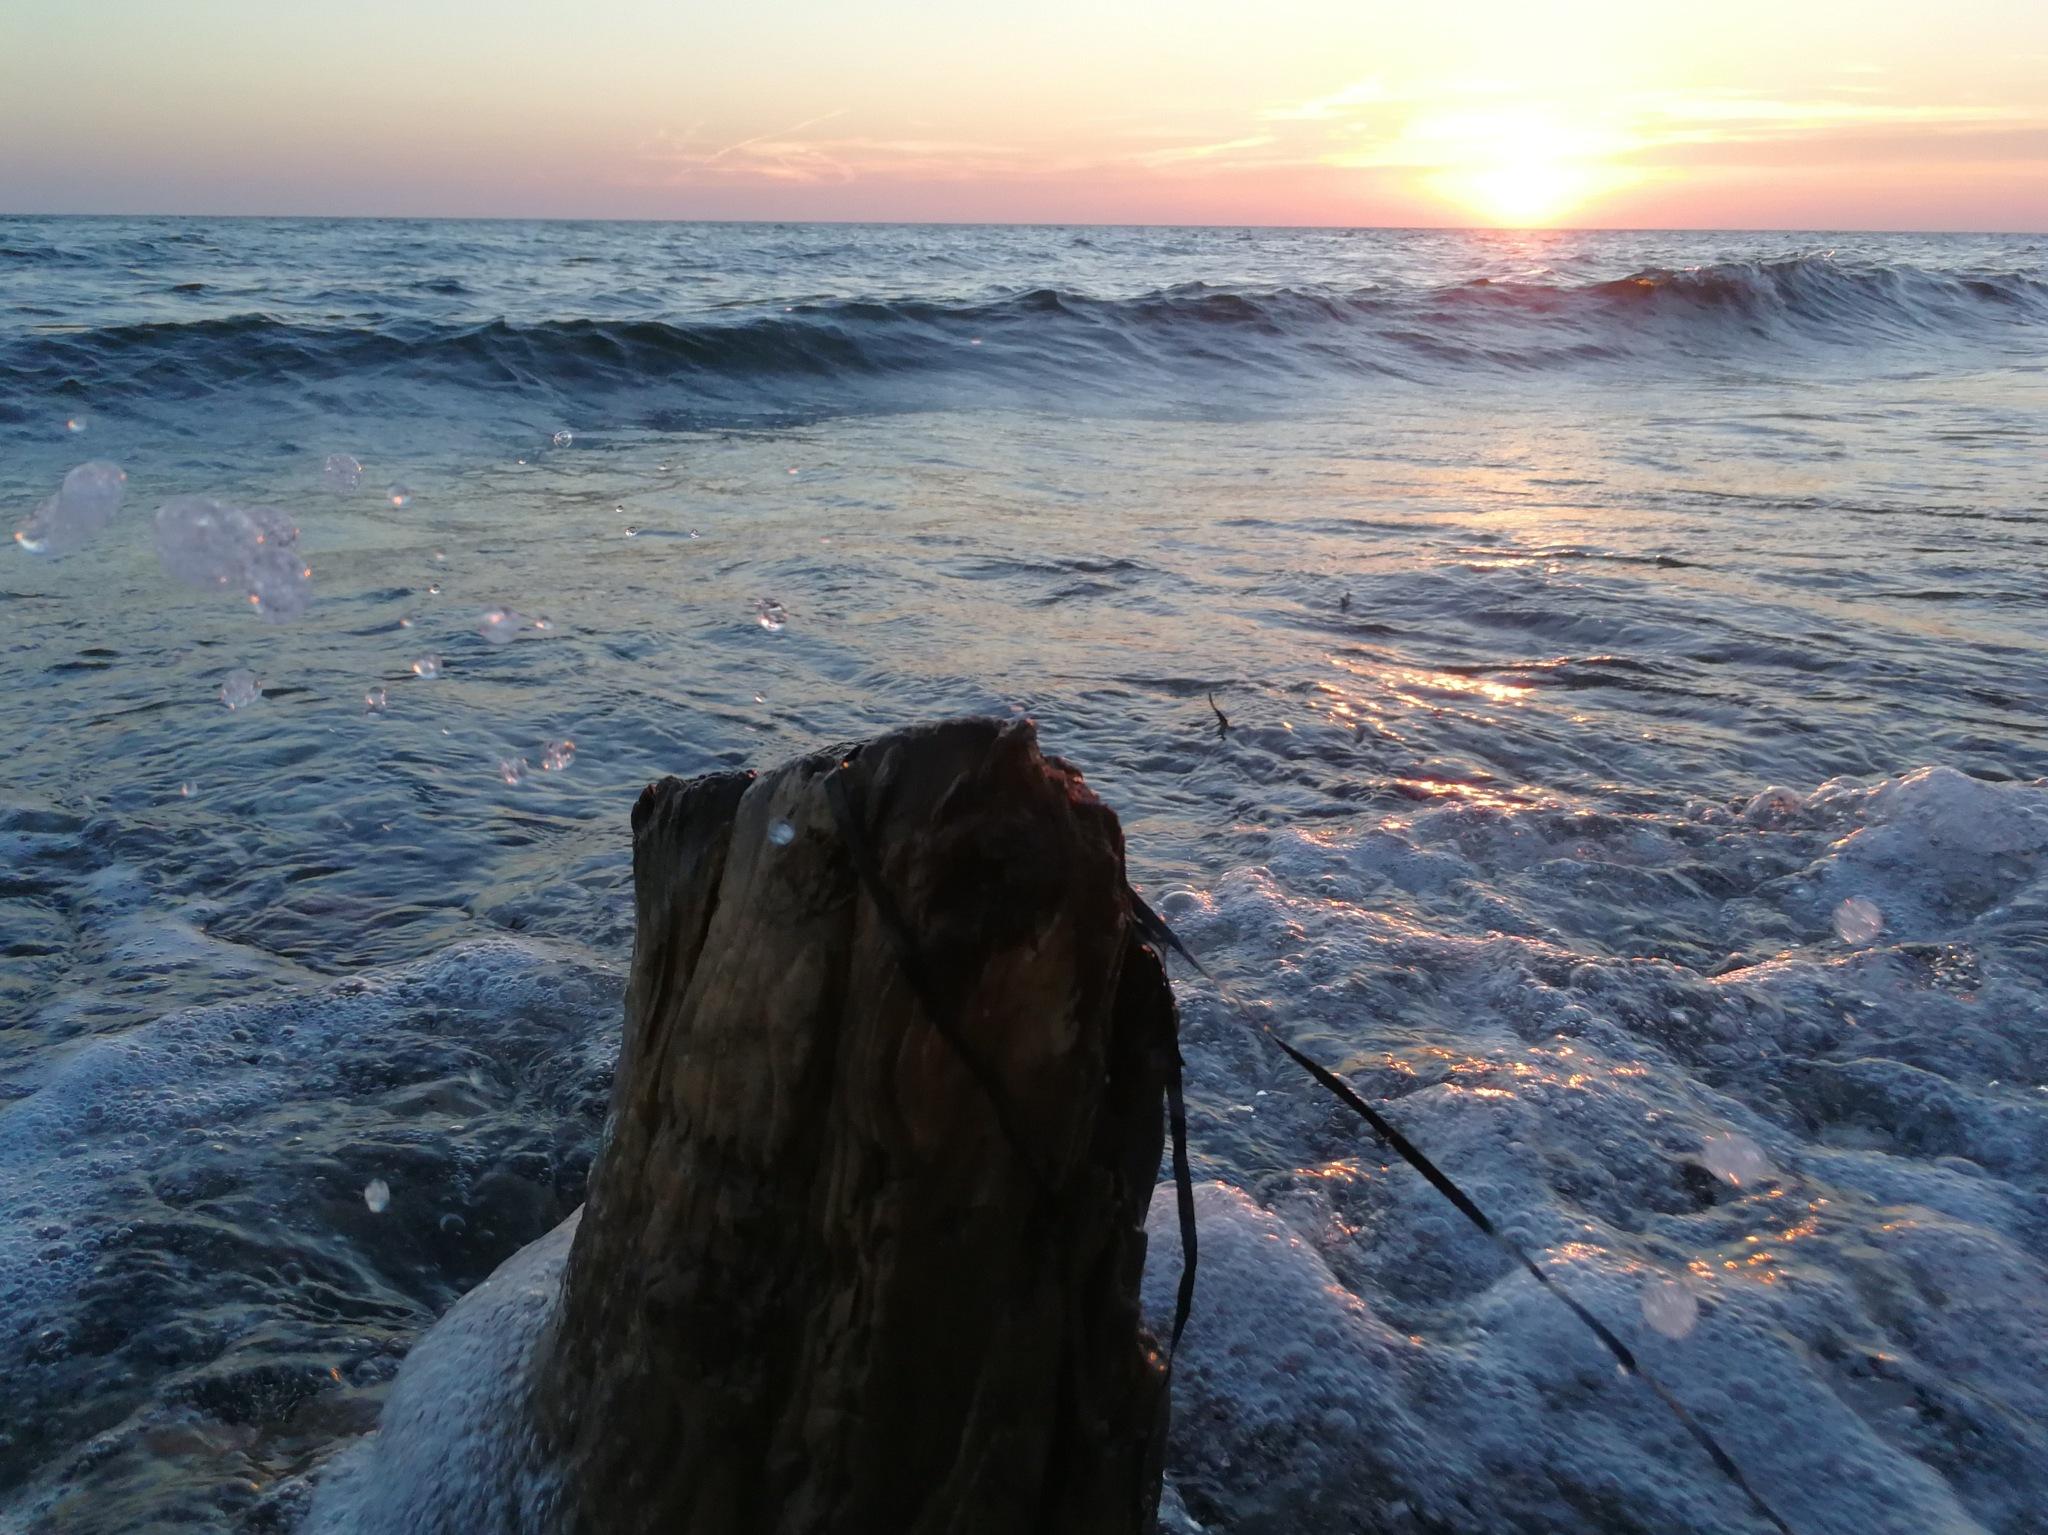 seashore by karlerik.straarup